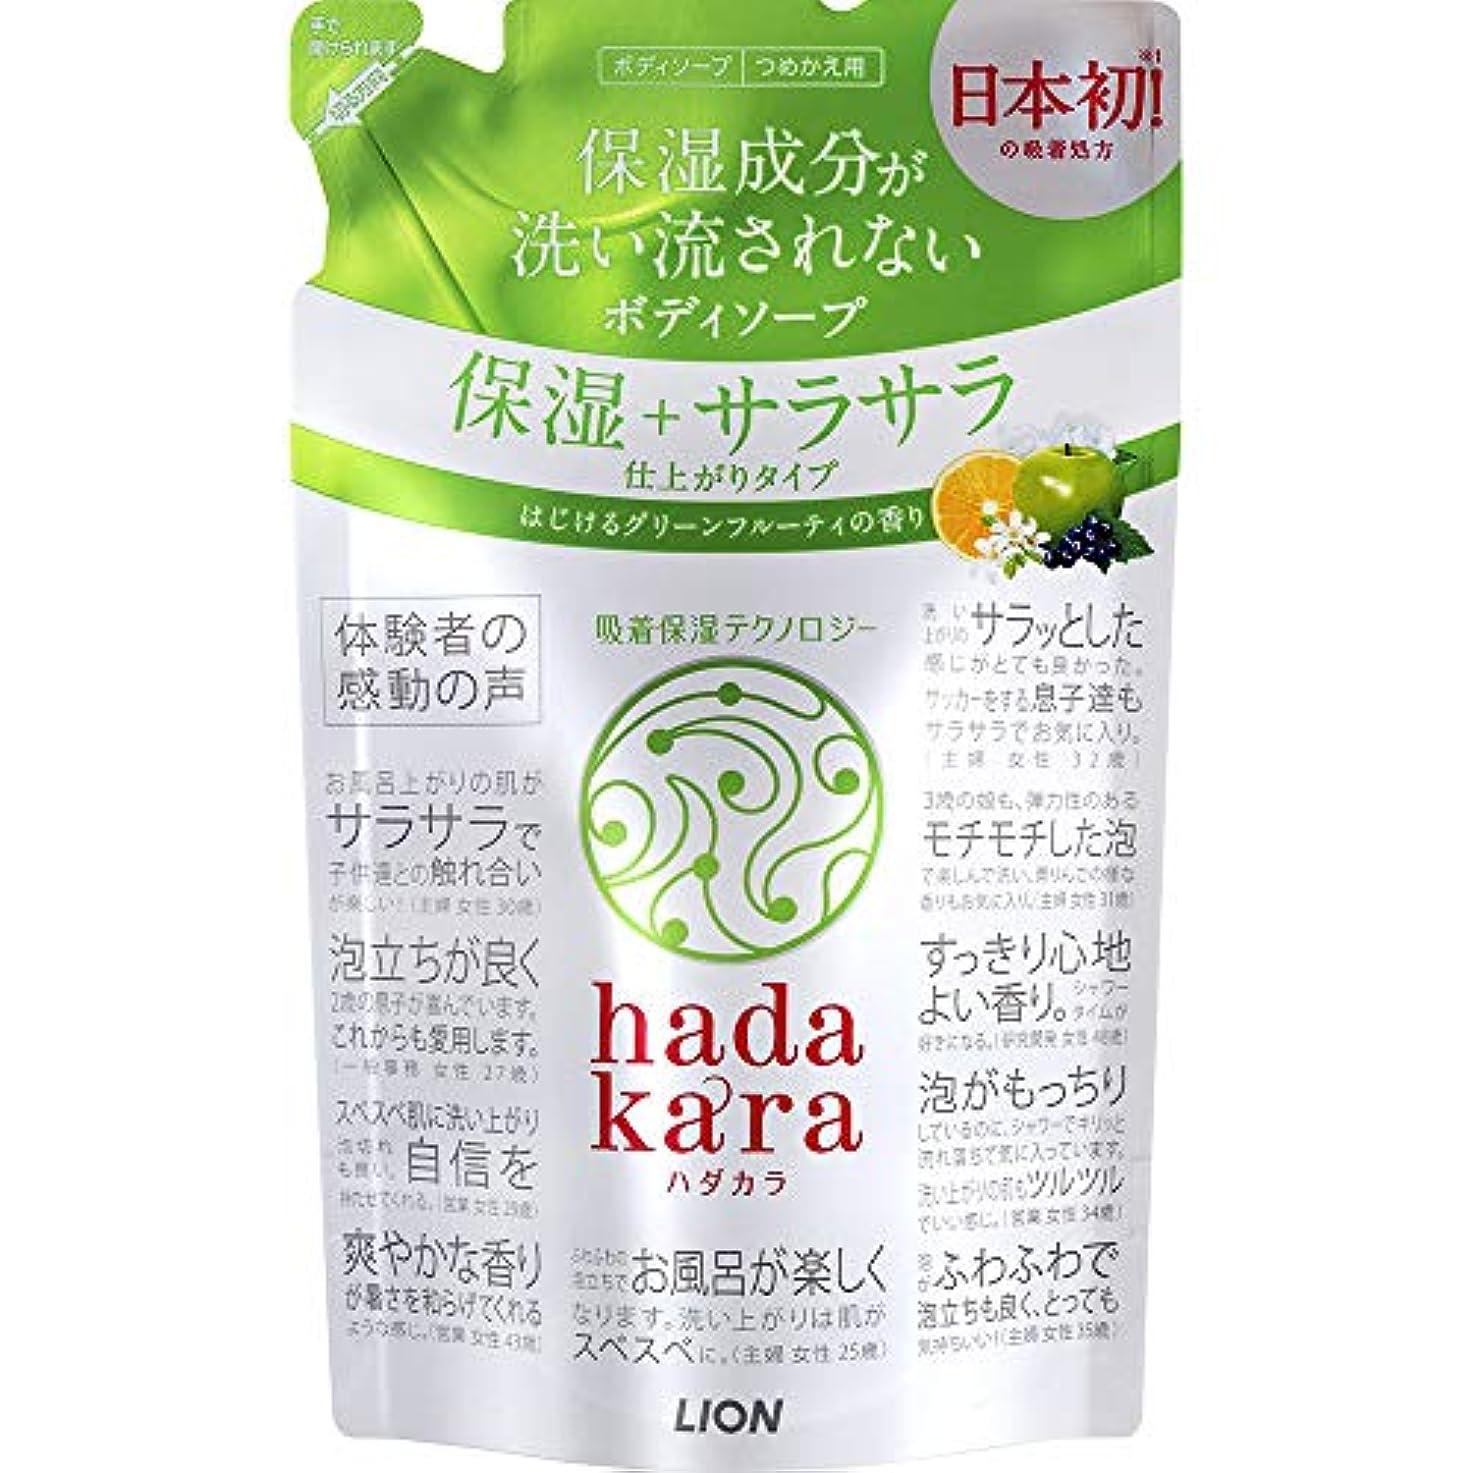 大陸限り悪名高いhadakara(ハダカラ) ボディソープ 保湿+サラサラ仕上がりタイプ グリーンフルーティの香り 詰め替え 340ml